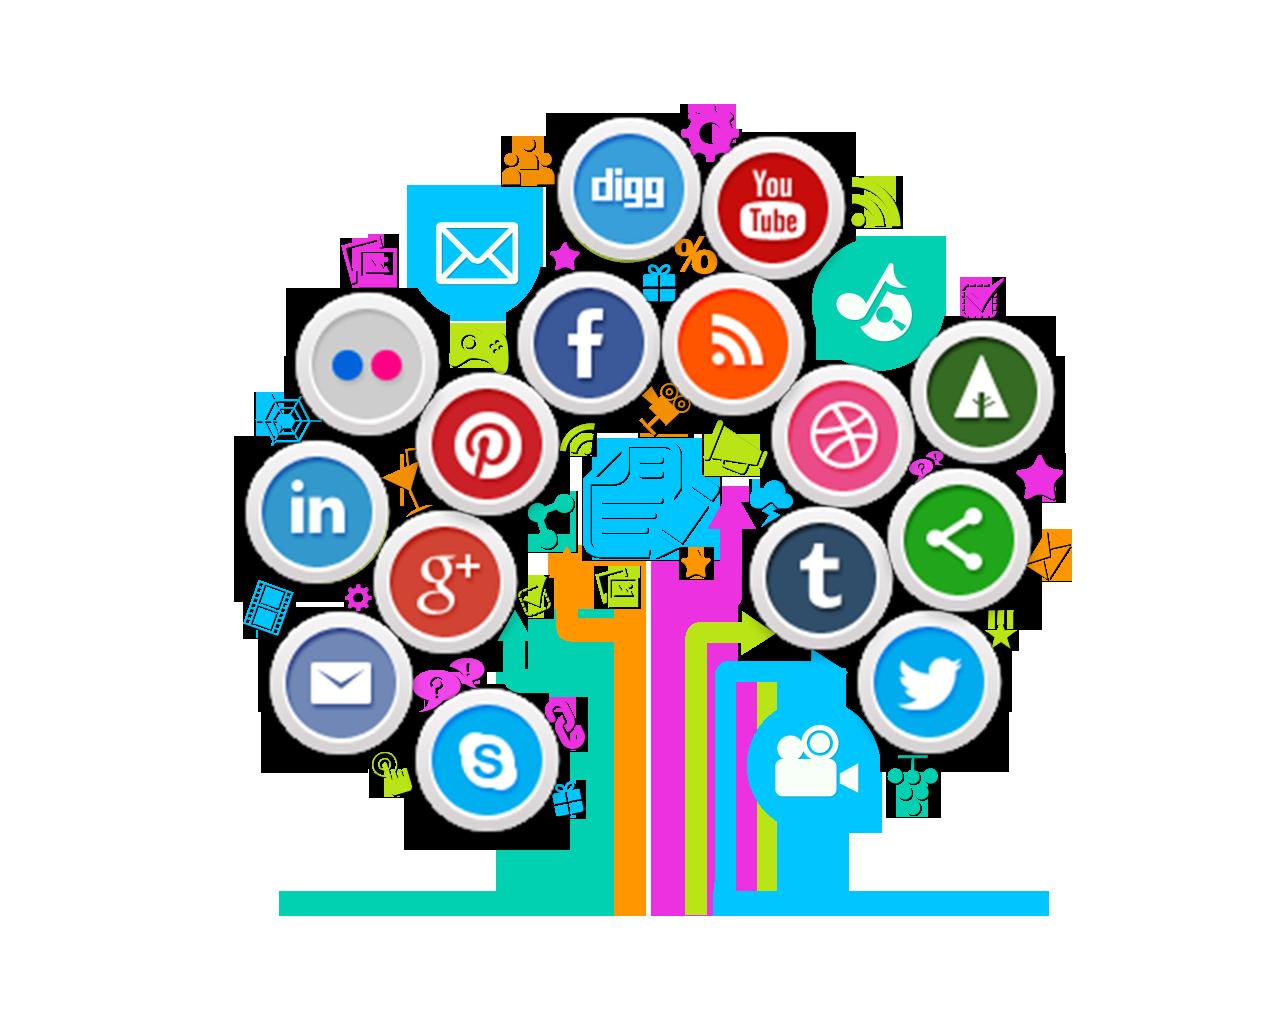 Post Social Media Marketing